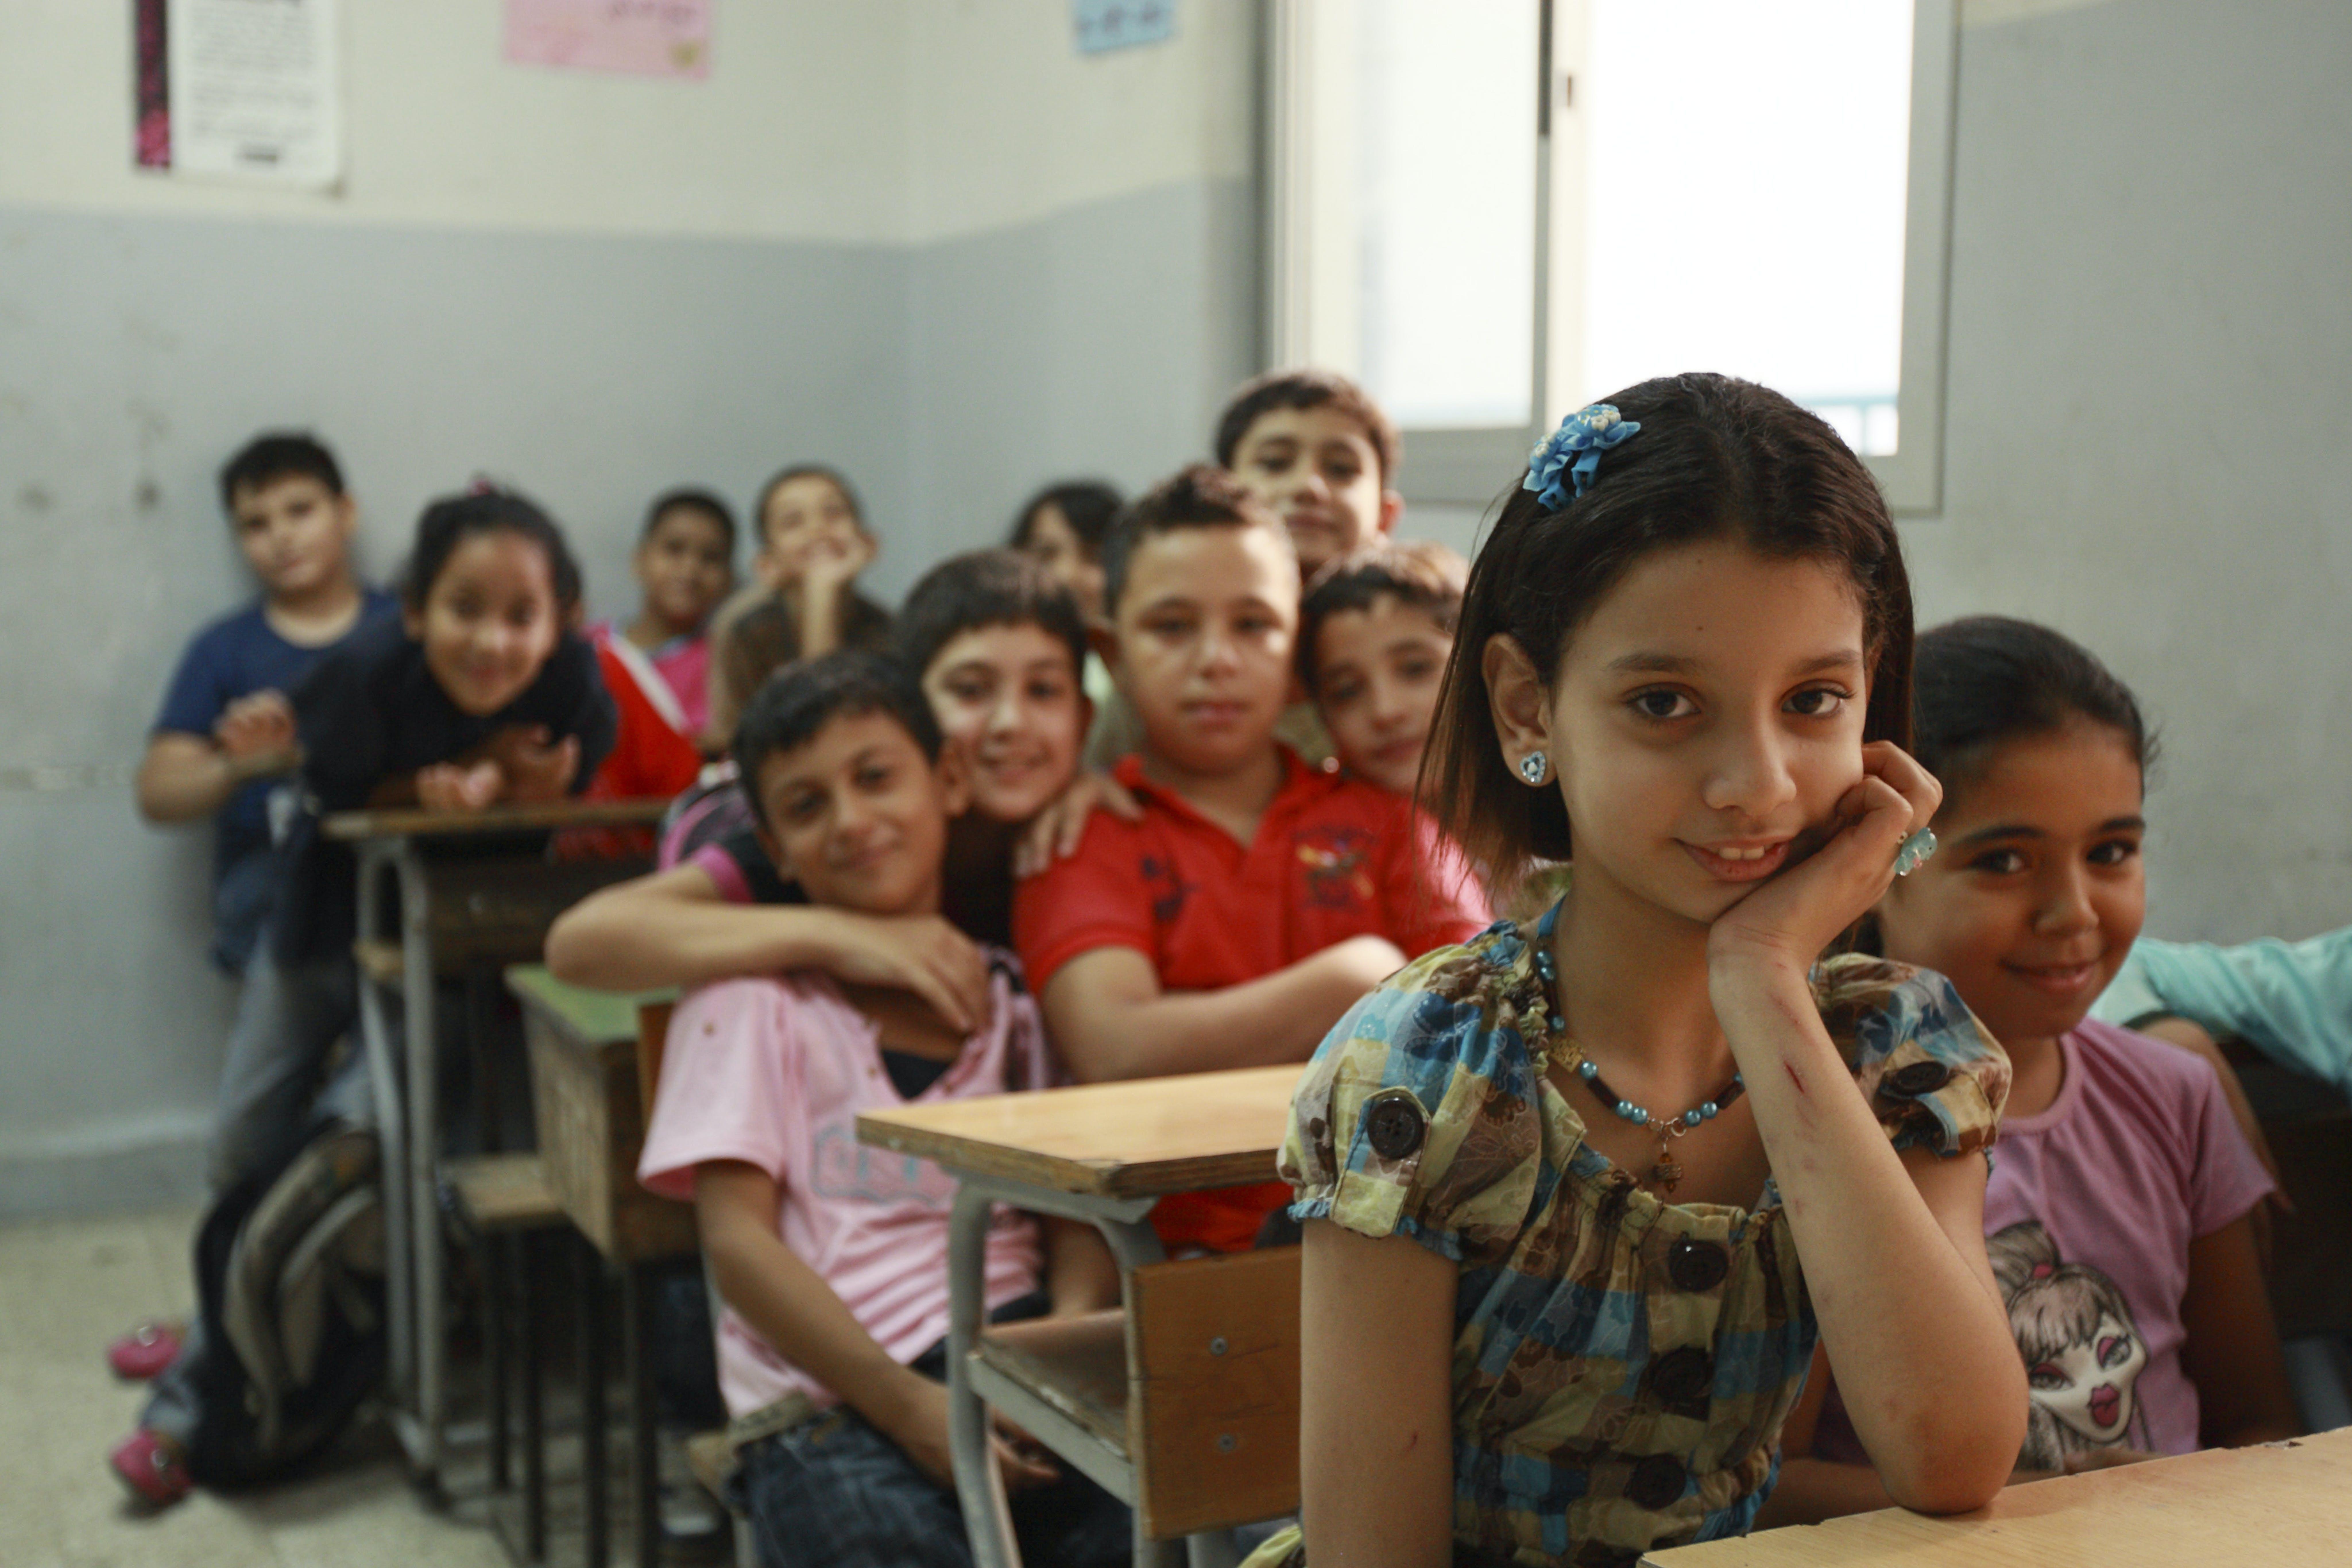 Bambini in classe nel campo profughi palestinesi di Burj El Barajneh (Libano) - ©Ada Lombardi/UNICEF Italia/2010